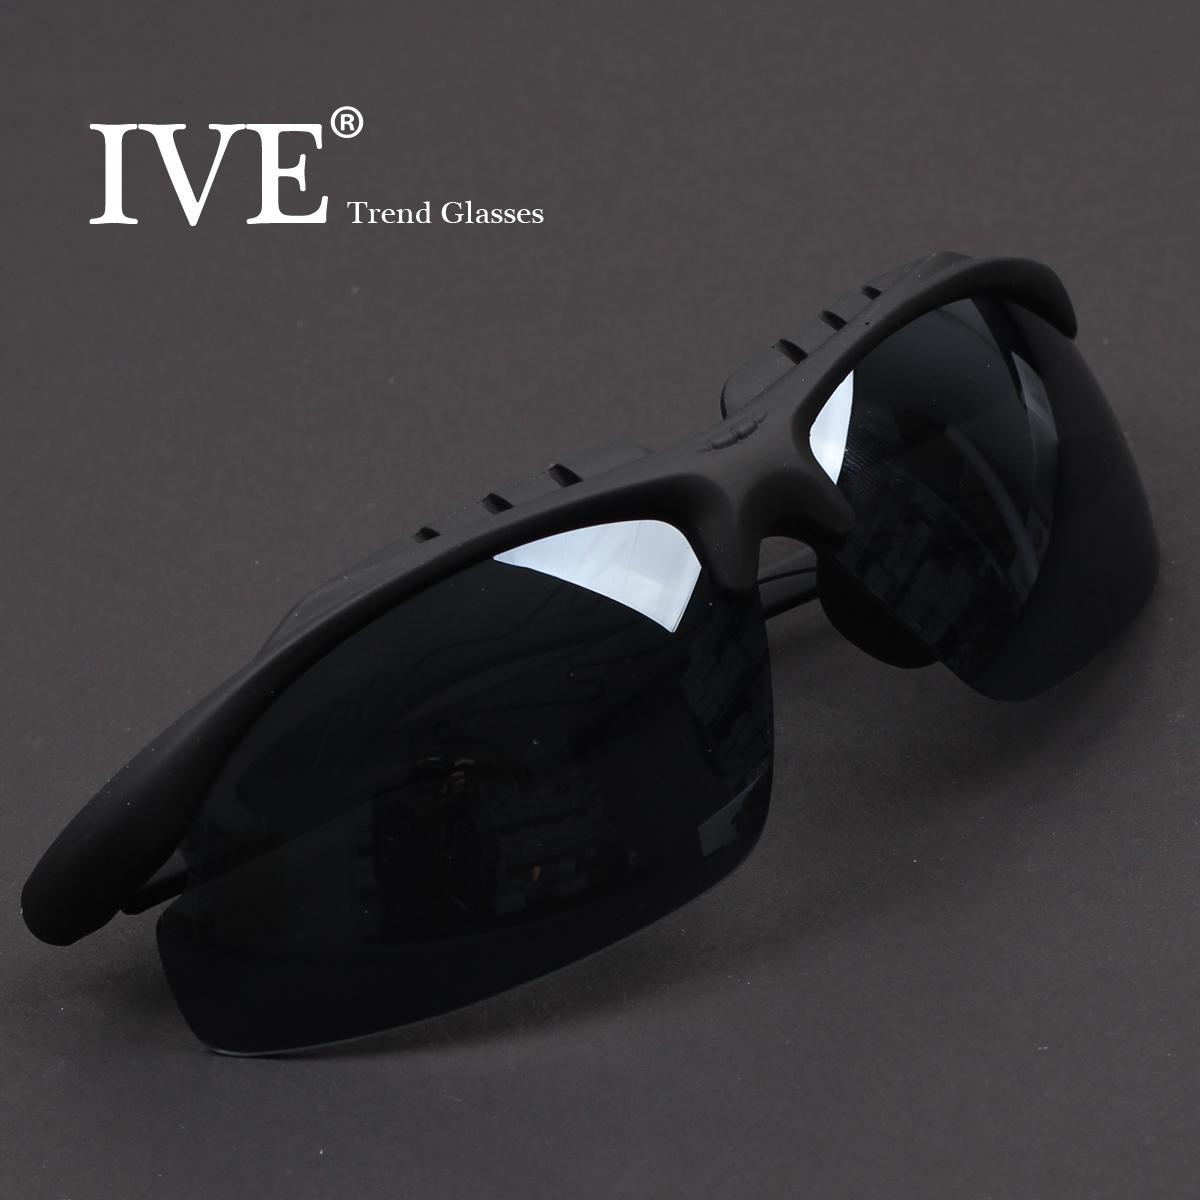 к 2015 году новый Подлинный Торговый центр человек мужчин зеркало диск диск Спорт мода солнцезащитные очки зеркало солнца очки глаз